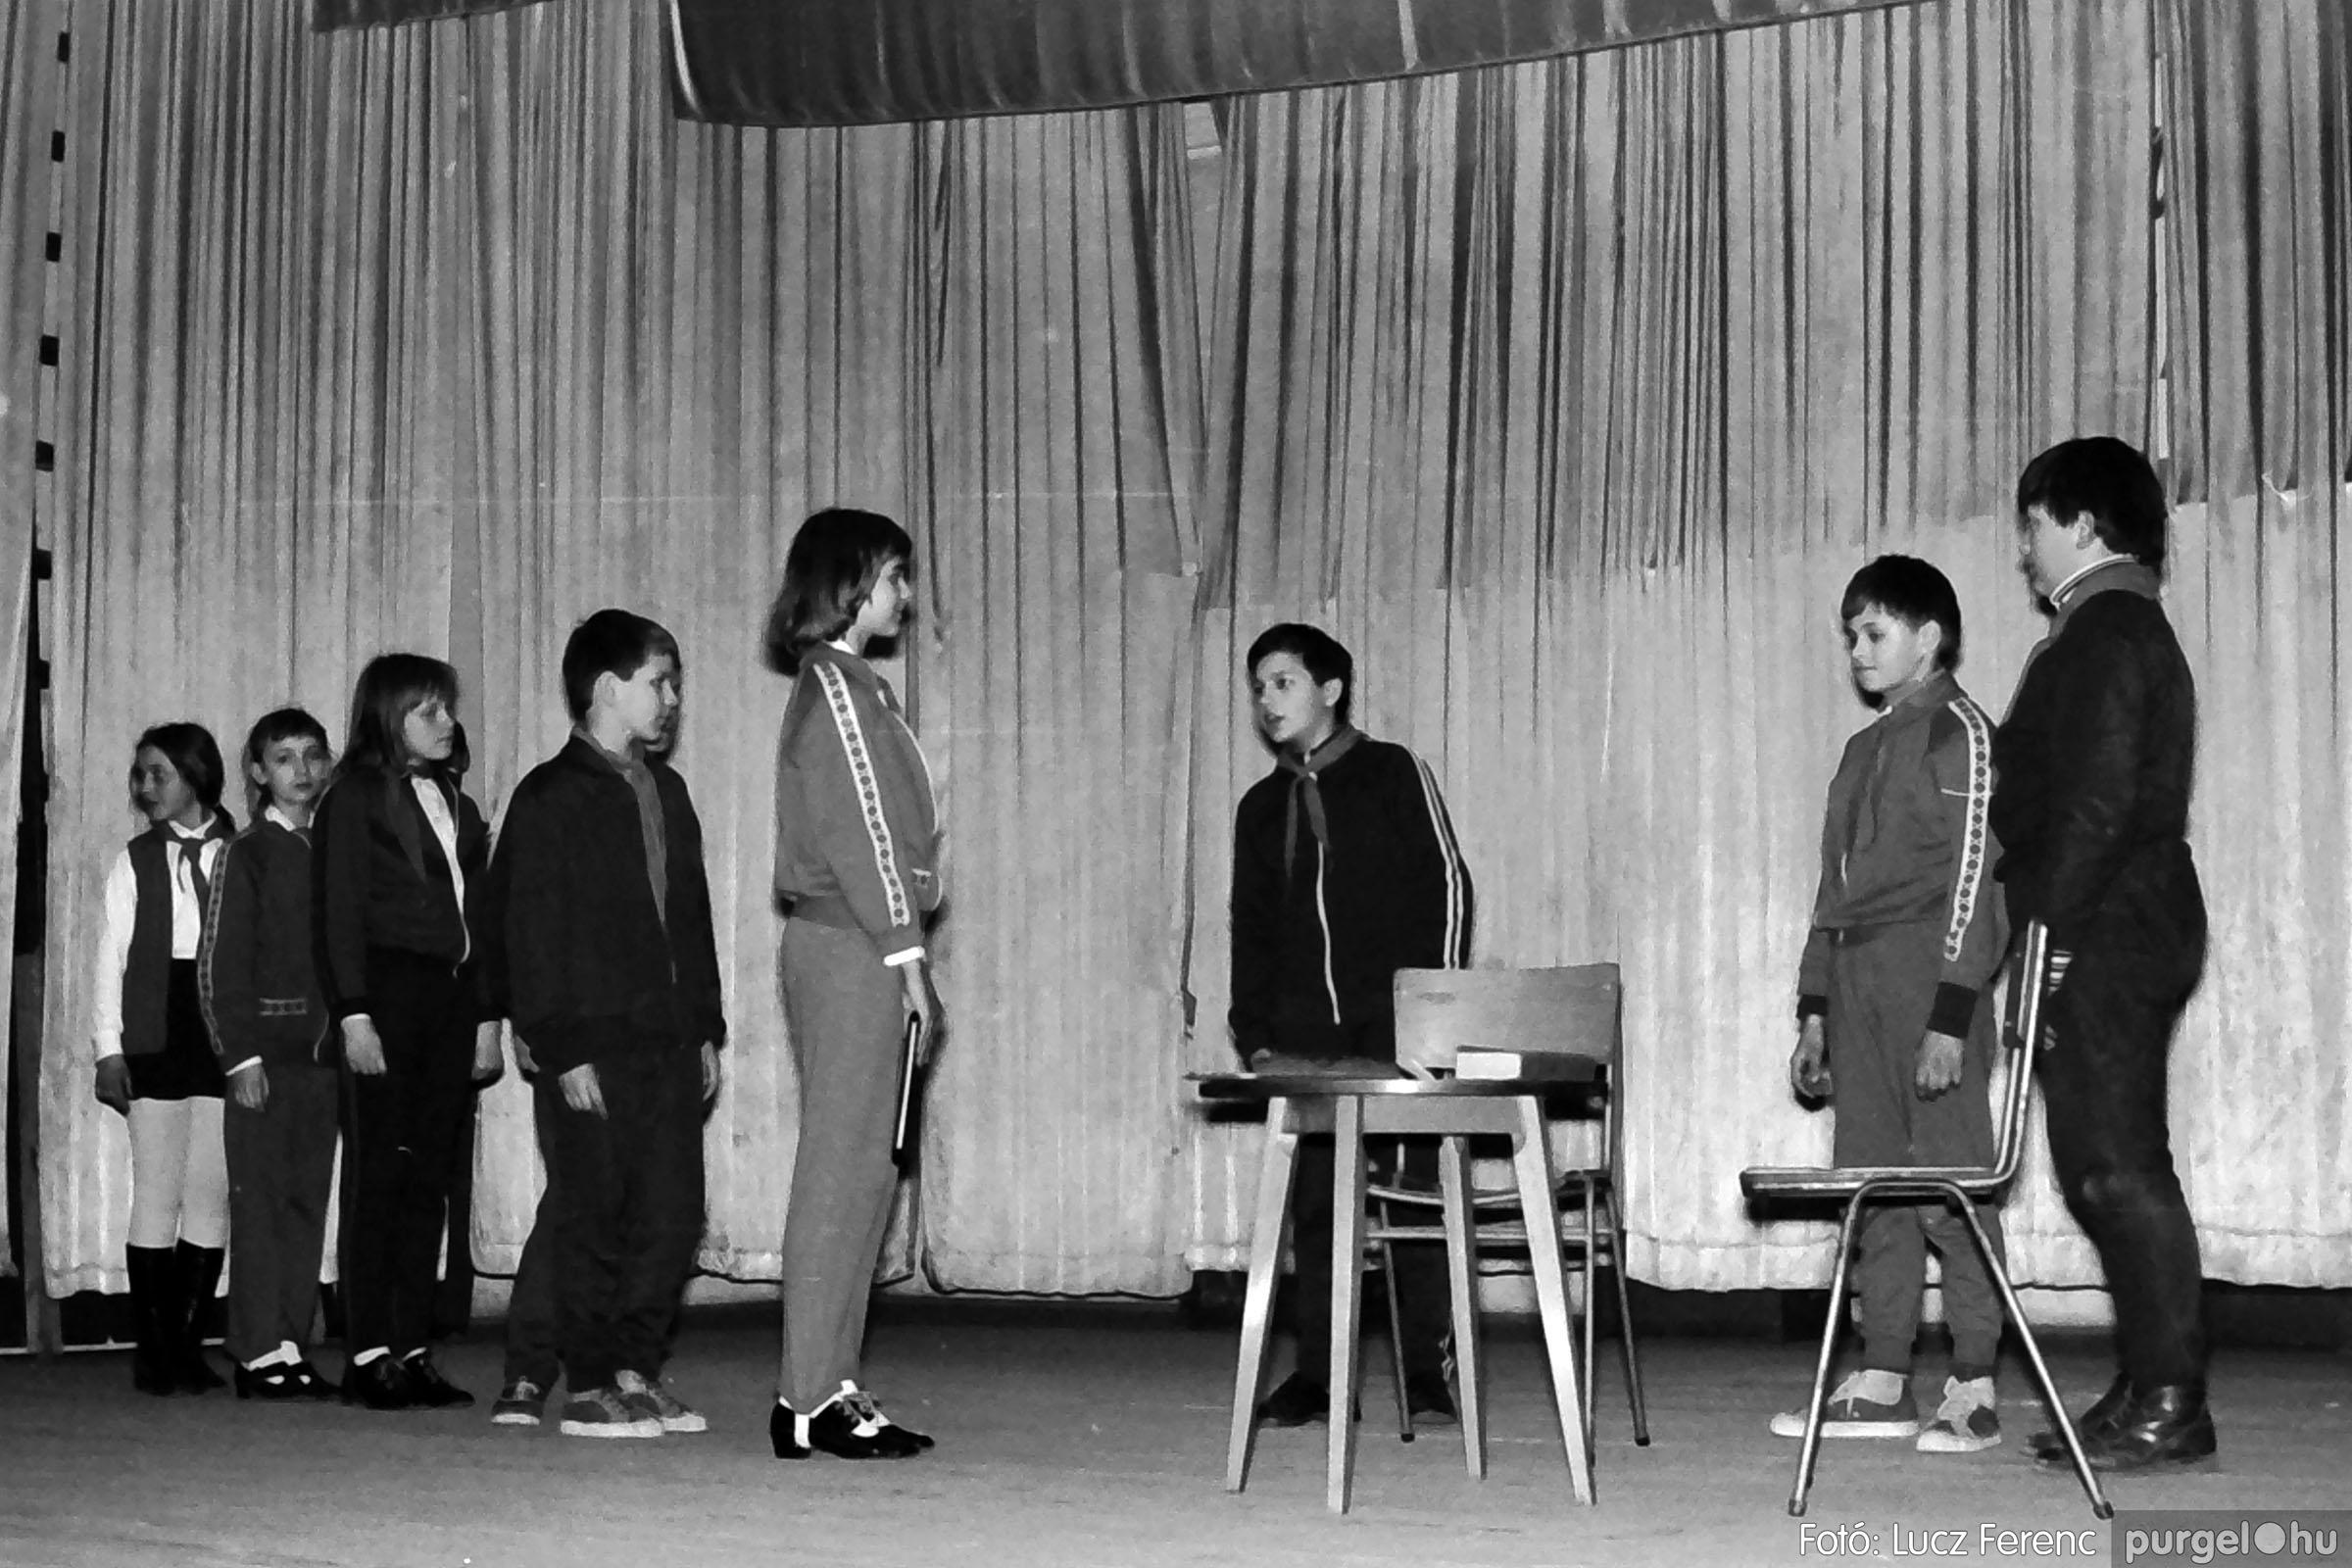 033. 1976. Diákrendezvény a kultúrházban 016 - Fotó: Lucz Ferenc.jpg